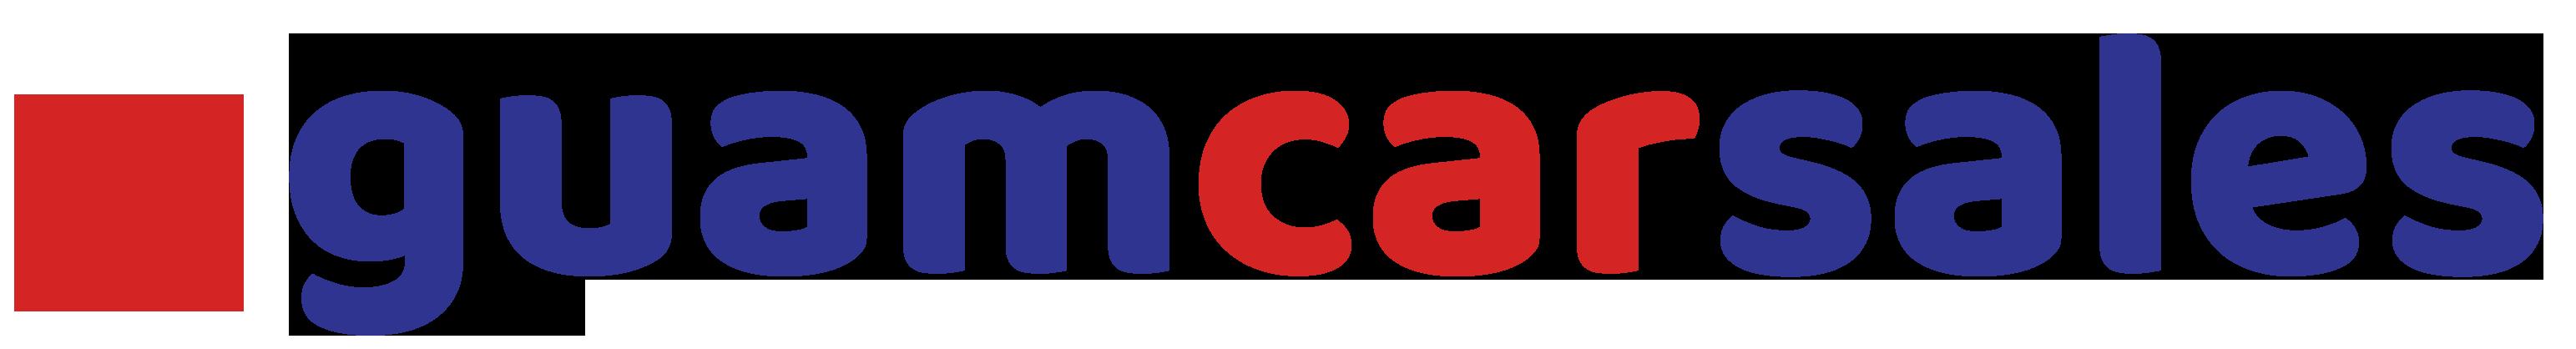 Guamcarsales logo